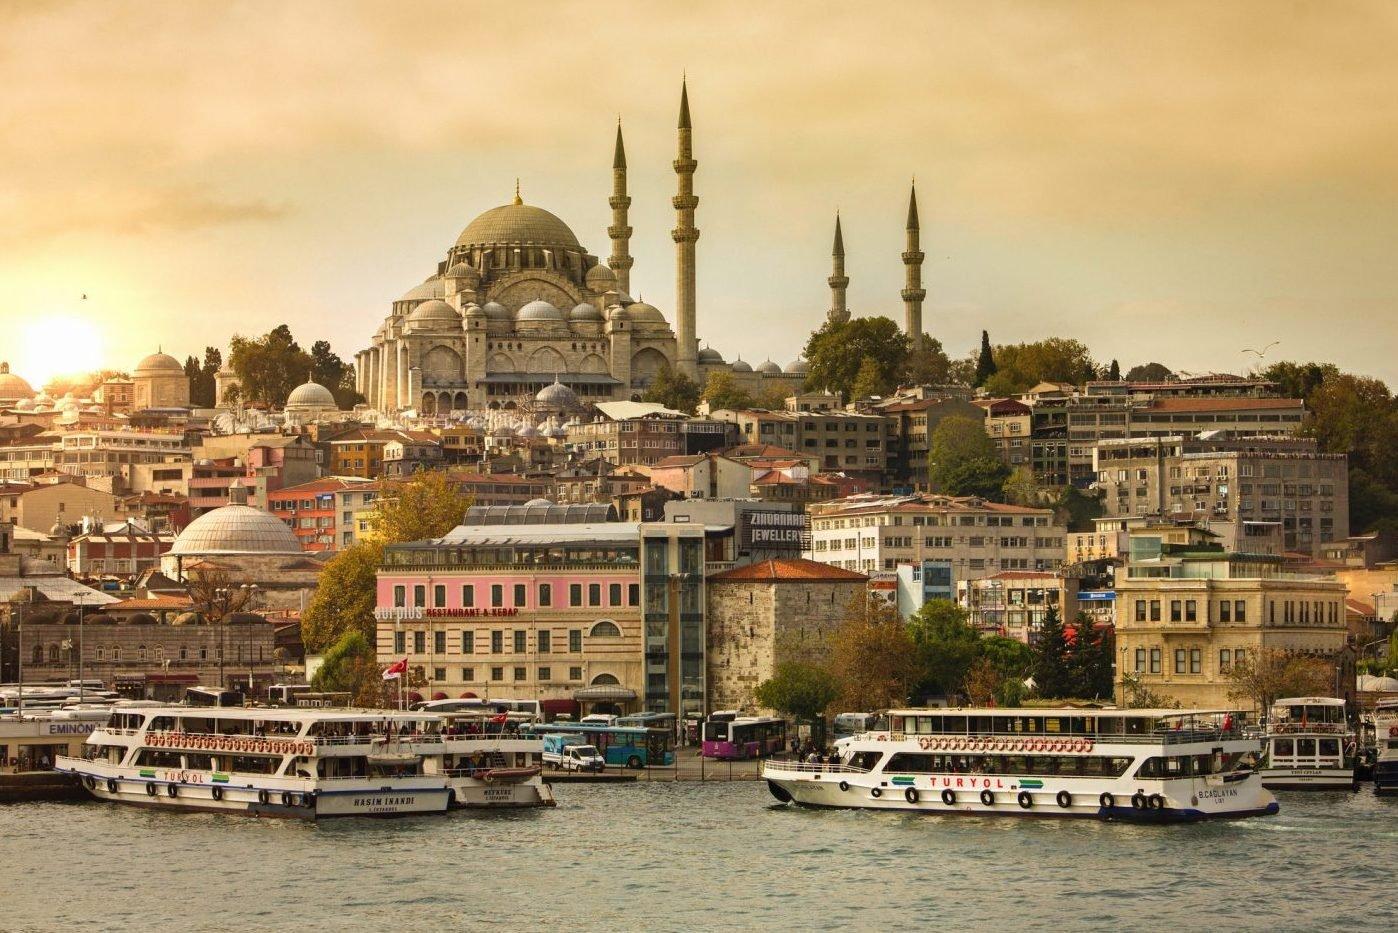 Vista da cidade de Istambul, na Turquia